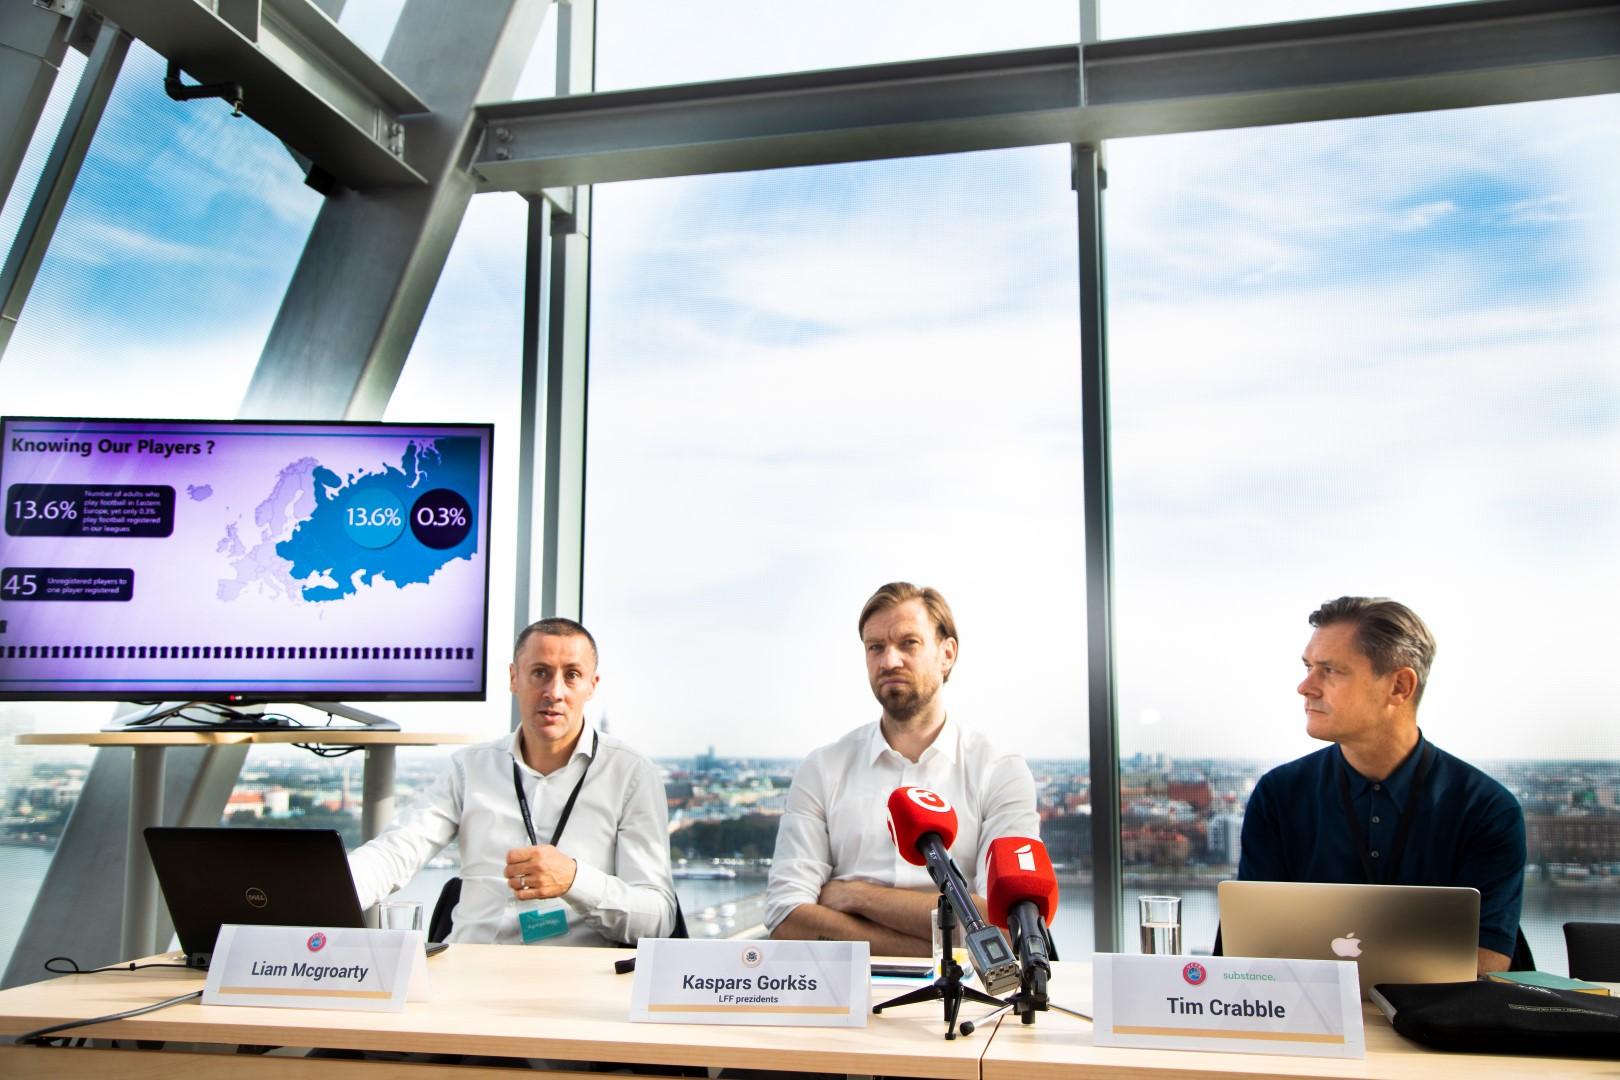 UEFA pārstāvji Liams Makgroartijs (pa kreisi) un Tims Krabls (pa labi) asistējot Kasparam Gorkšam vēsta par futbola un ekonomikas kopsakarībām.